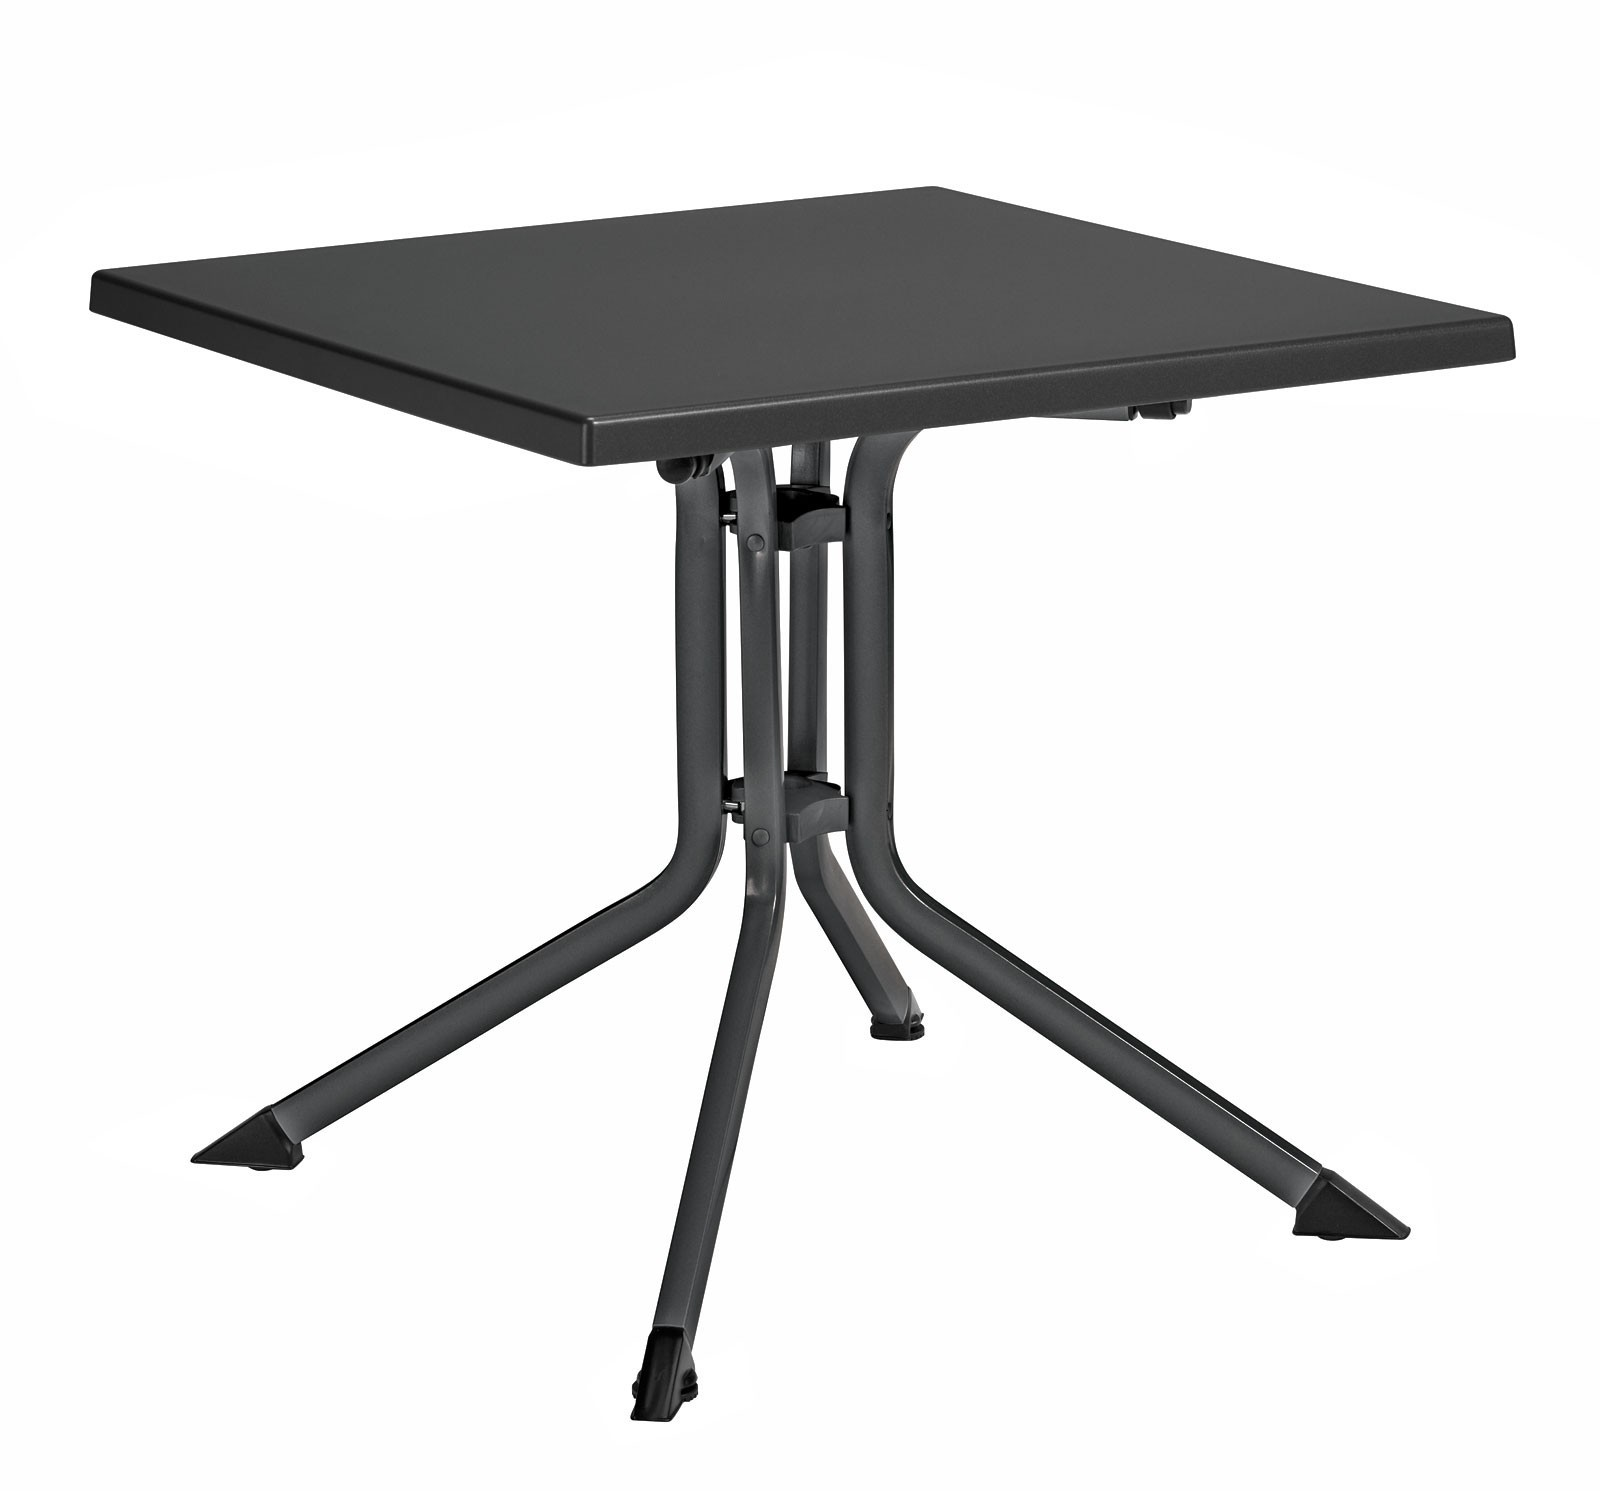 kettler gartentisch 0307018 7000 klappbar kettalux 80x80cm anthrazit bei. Black Bedroom Furniture Sets. Home Design Ideas